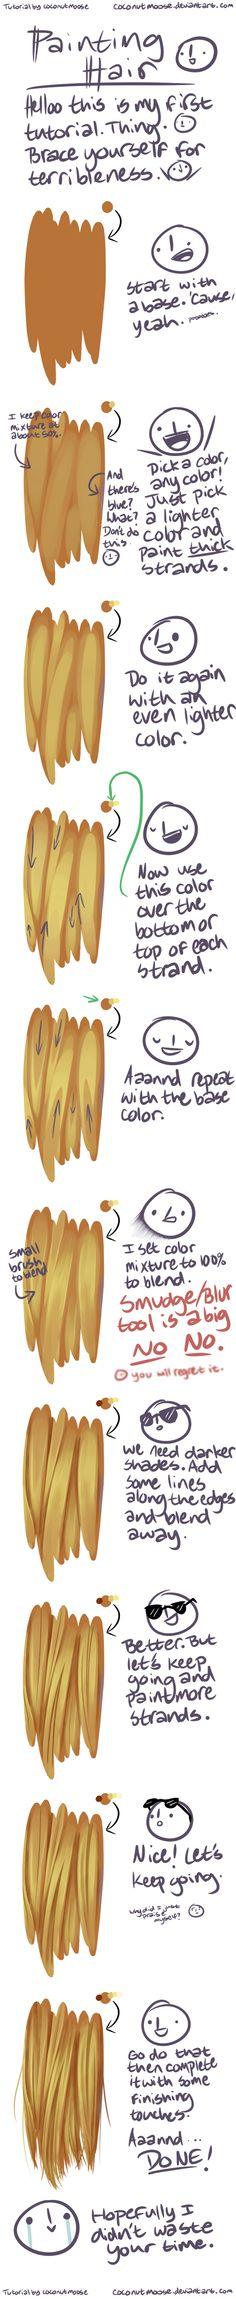 Painting Hair Digitally by coconutmoose.deviantart.com on @DeviantArt